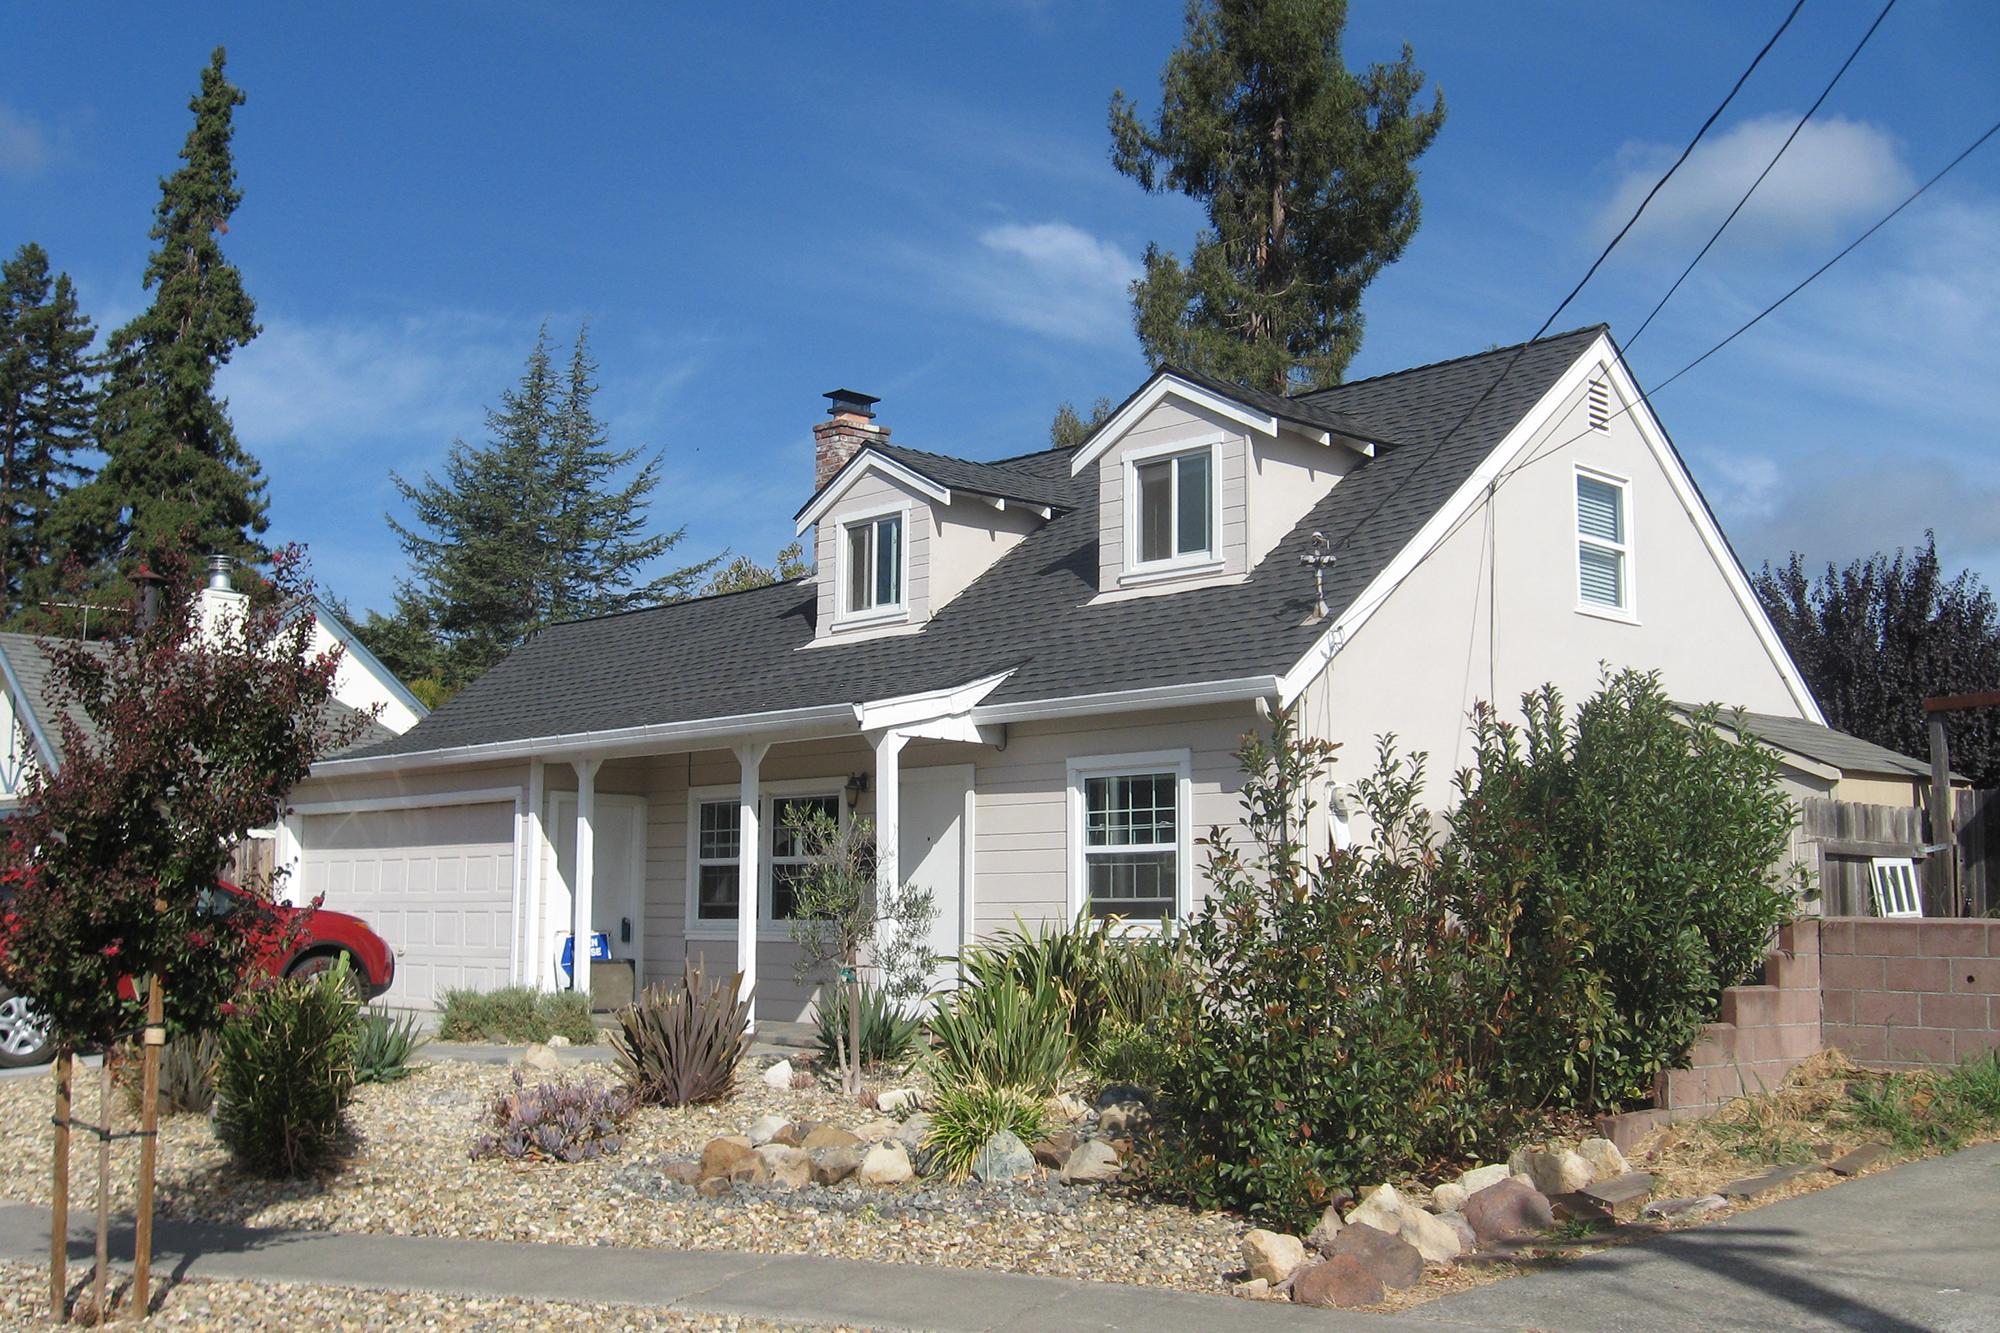 Casa para uma família para Venda às 2510 Indiana St, Napa, CA 94558 2510 Indiana St Napa, Califórnia 94558 Estados Unidos